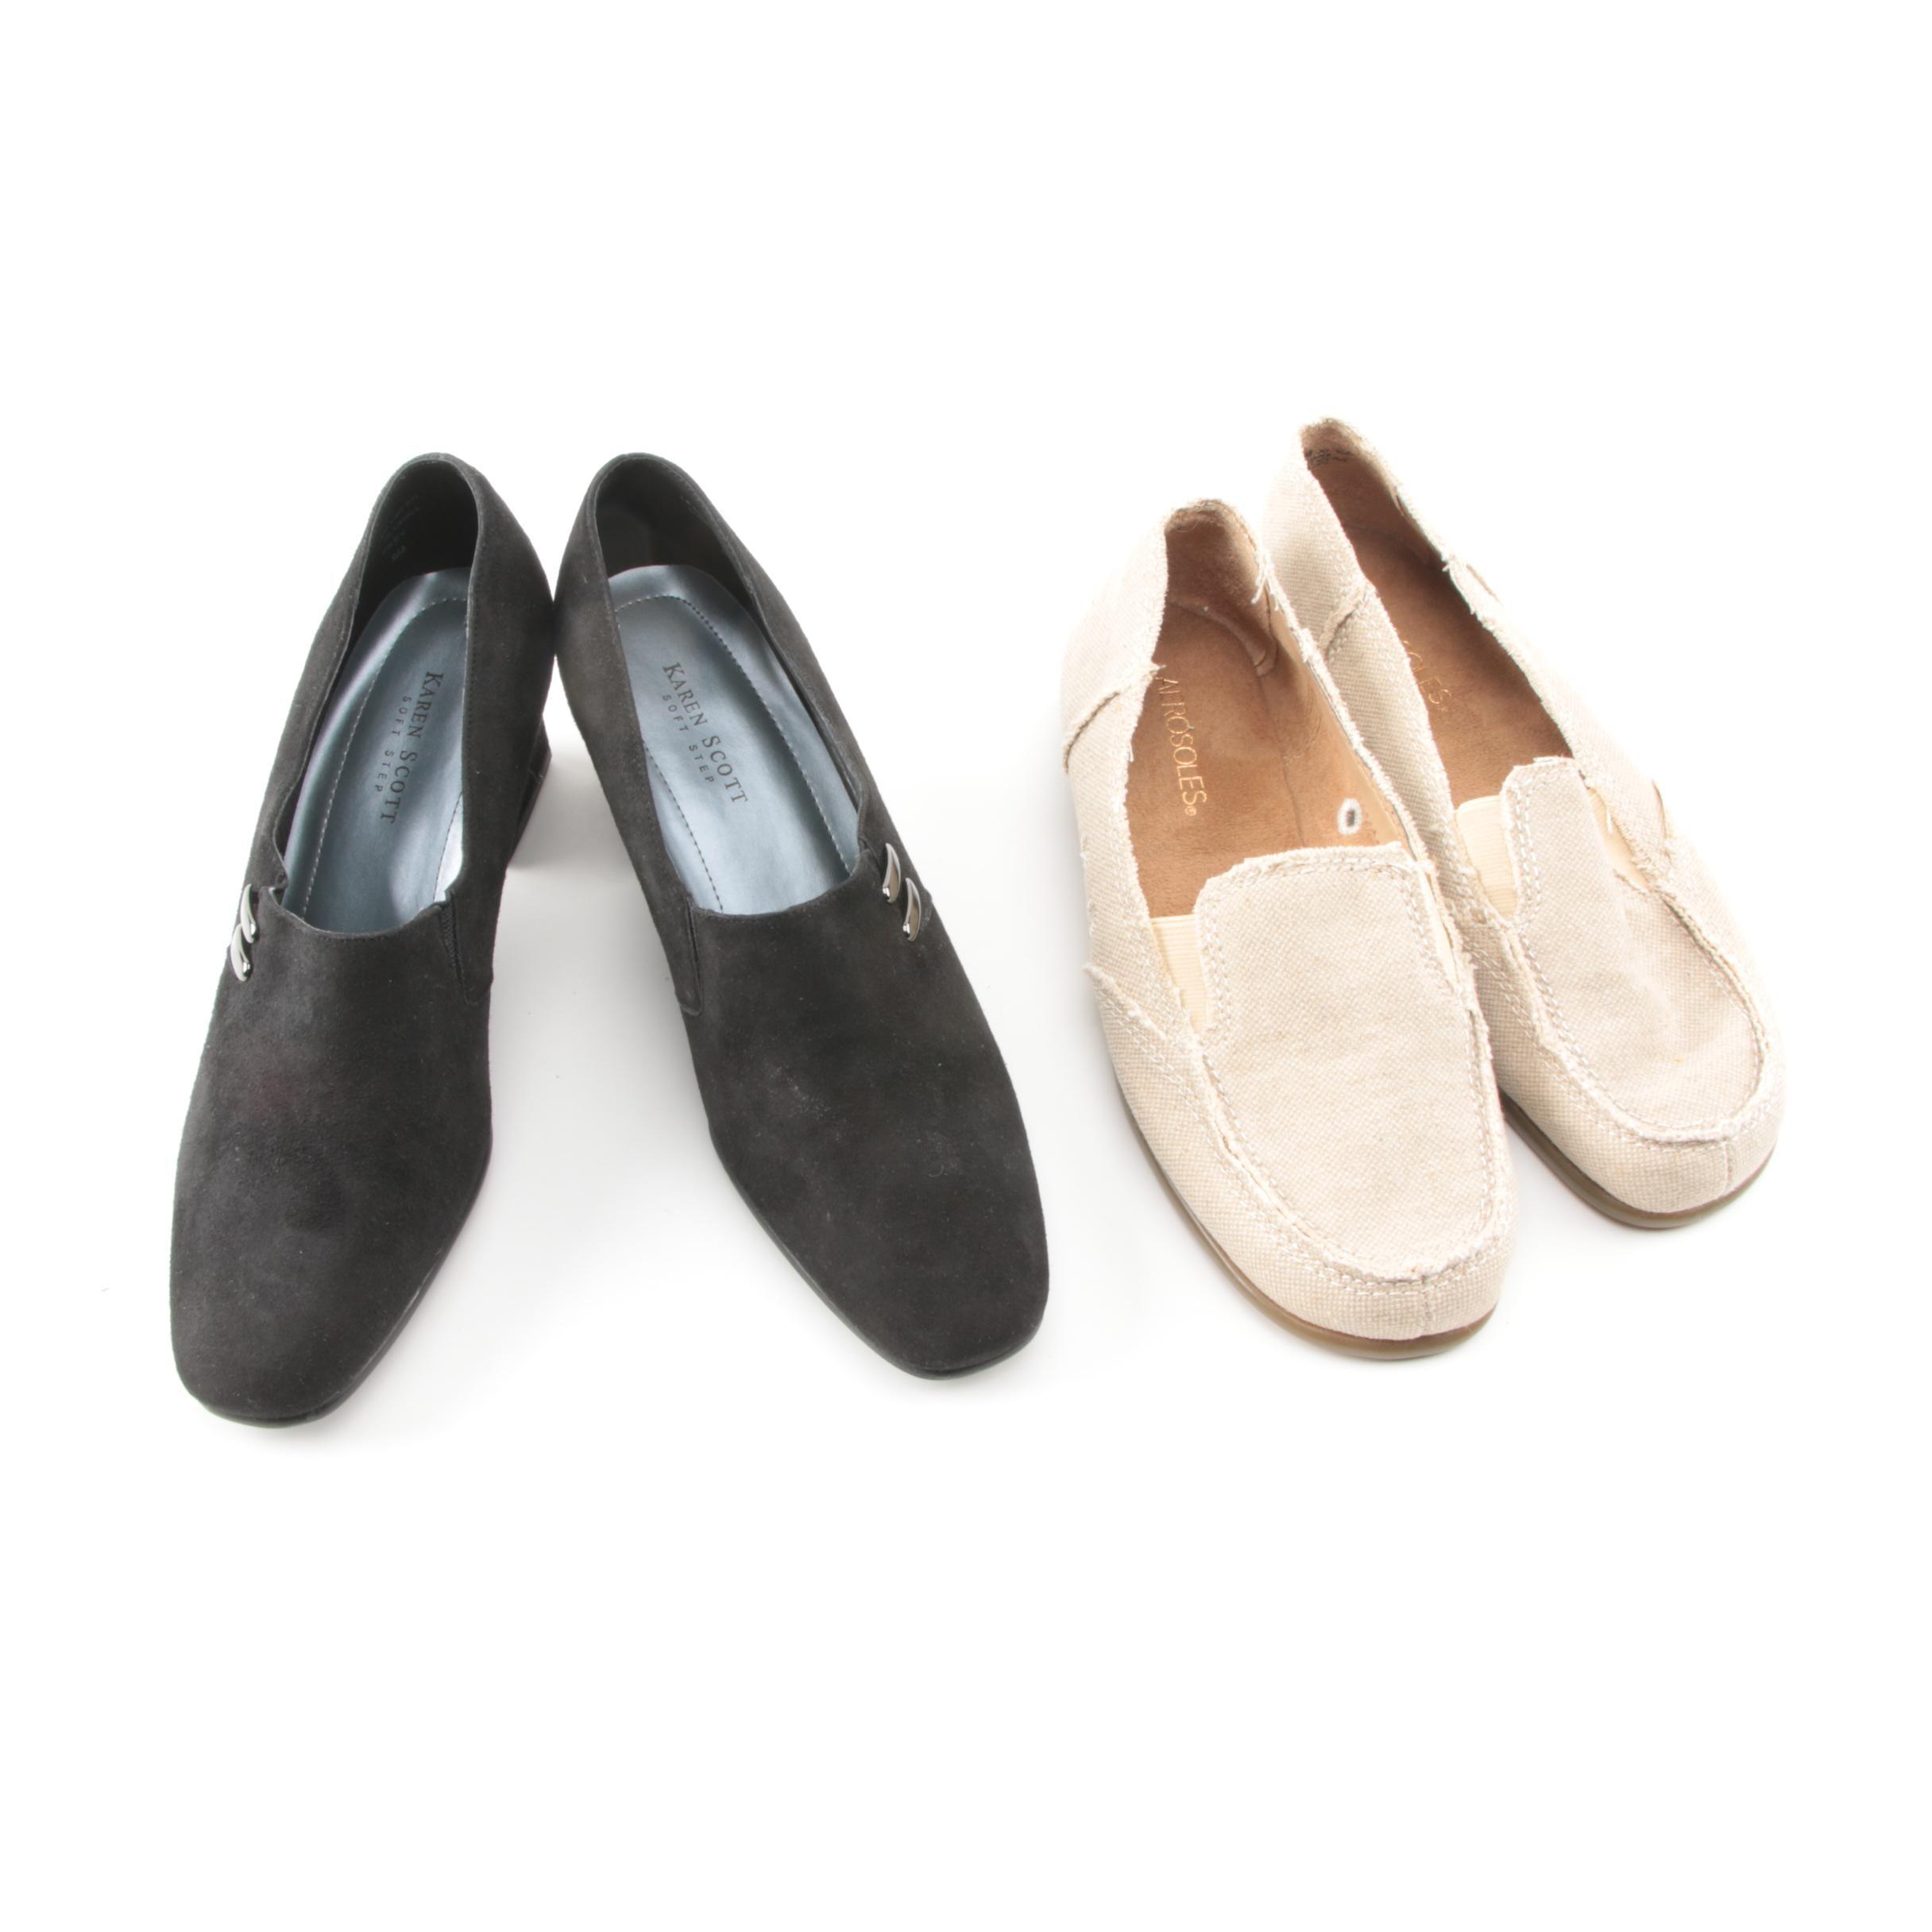 Karen Scott Suede Heels and Aerosoles Slip-On Shoes